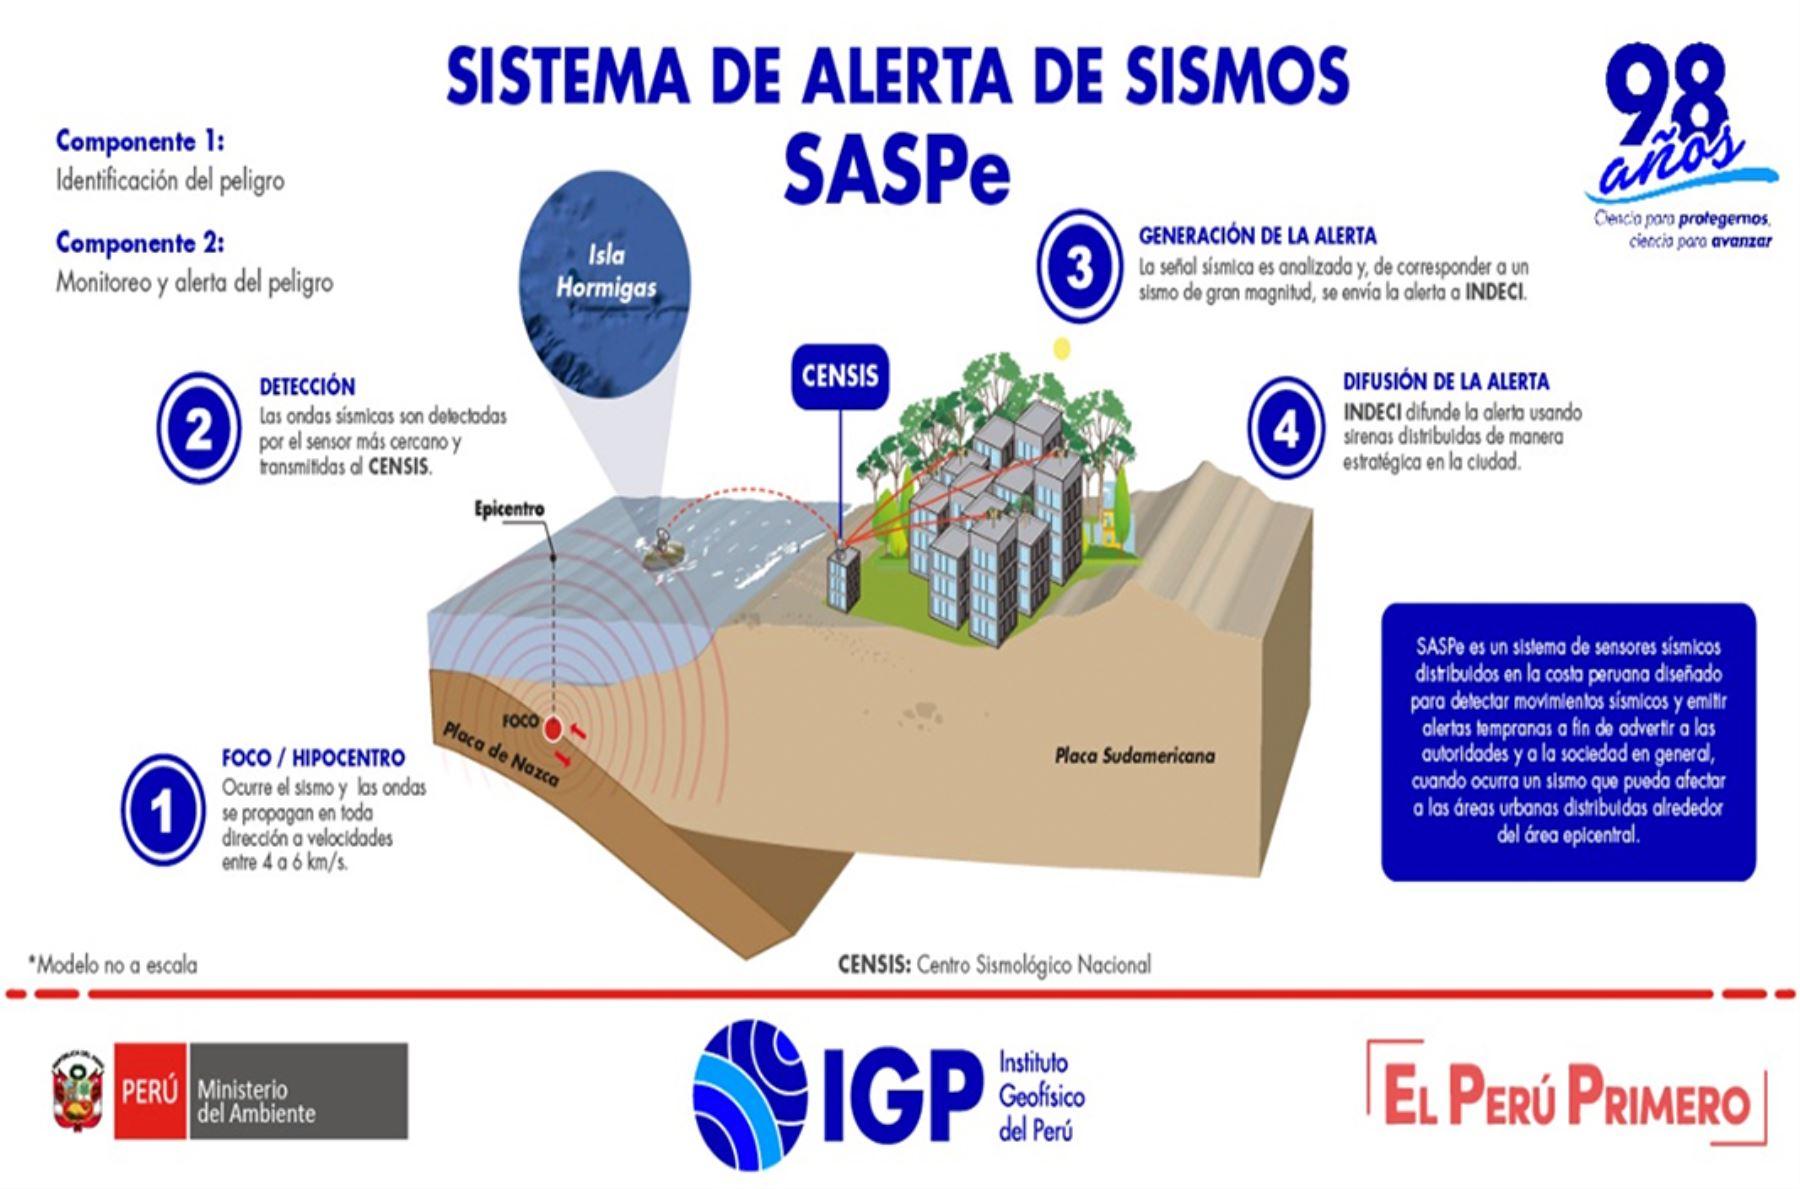 Perú instala primera estación del sistema de alerta sísmica: conoce cómo funciona | Noticias | Agencia Peruana de Noticias Andina